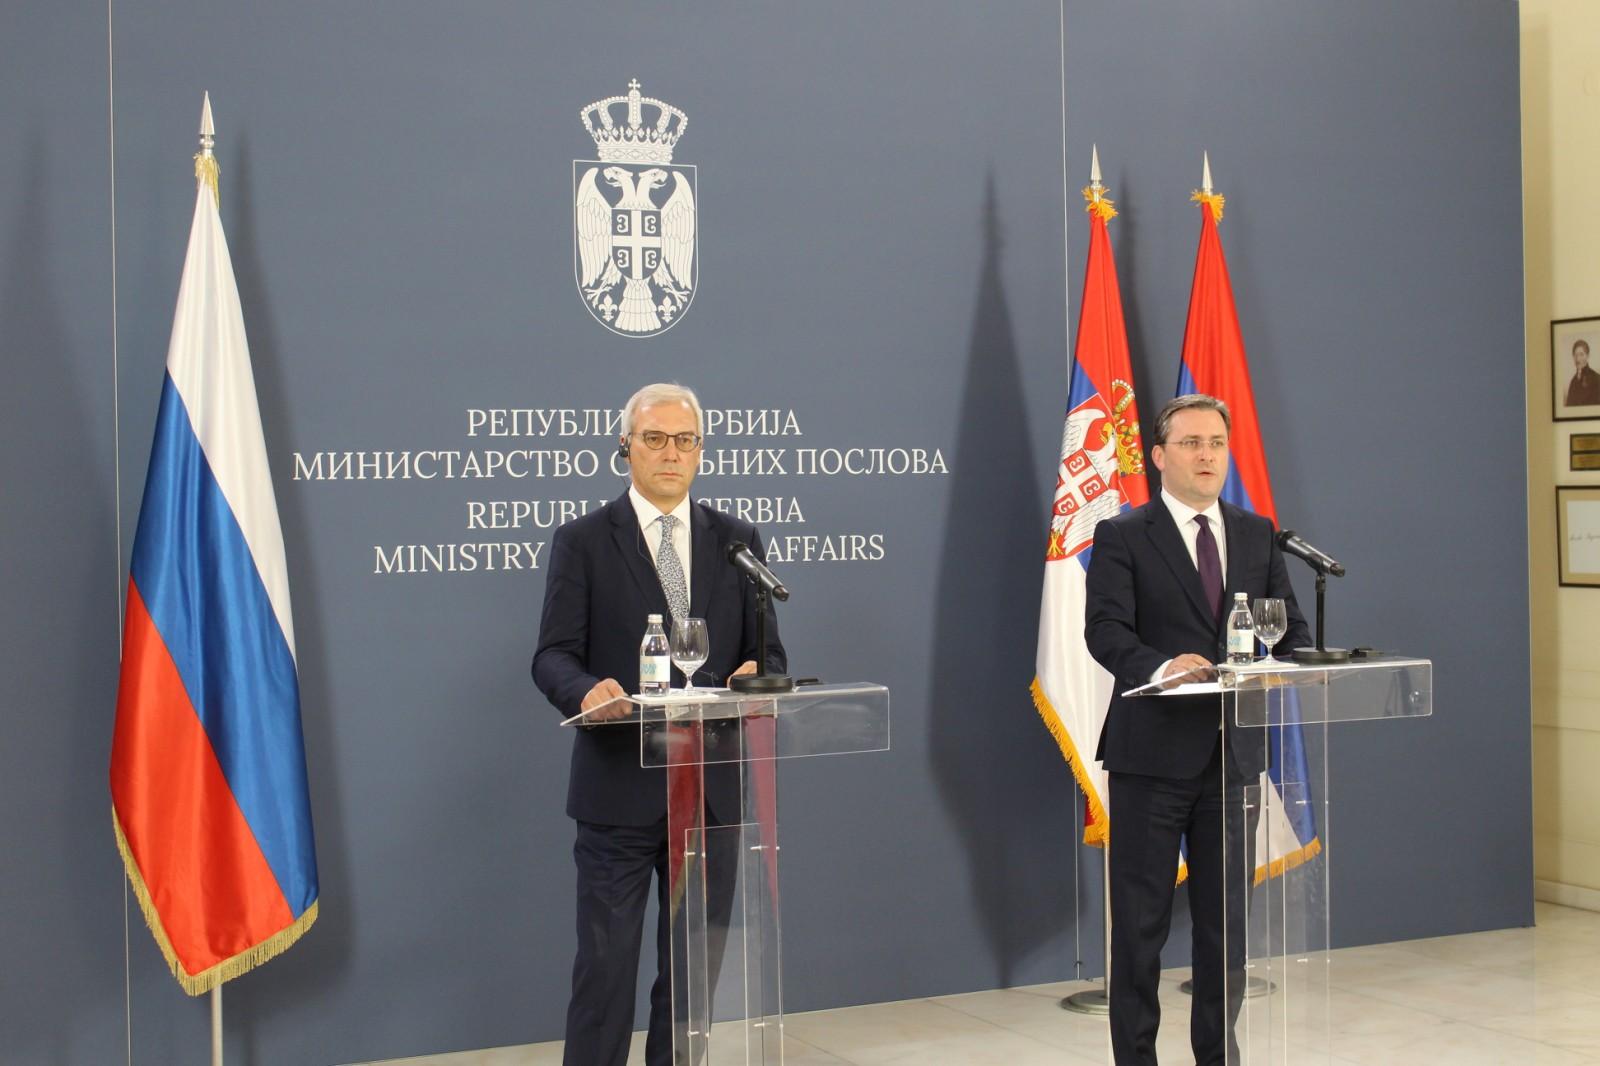 Грушко: Решавање питања Косова и Метохије треба да се тражи искључиво у оквиру Резолуције 1244